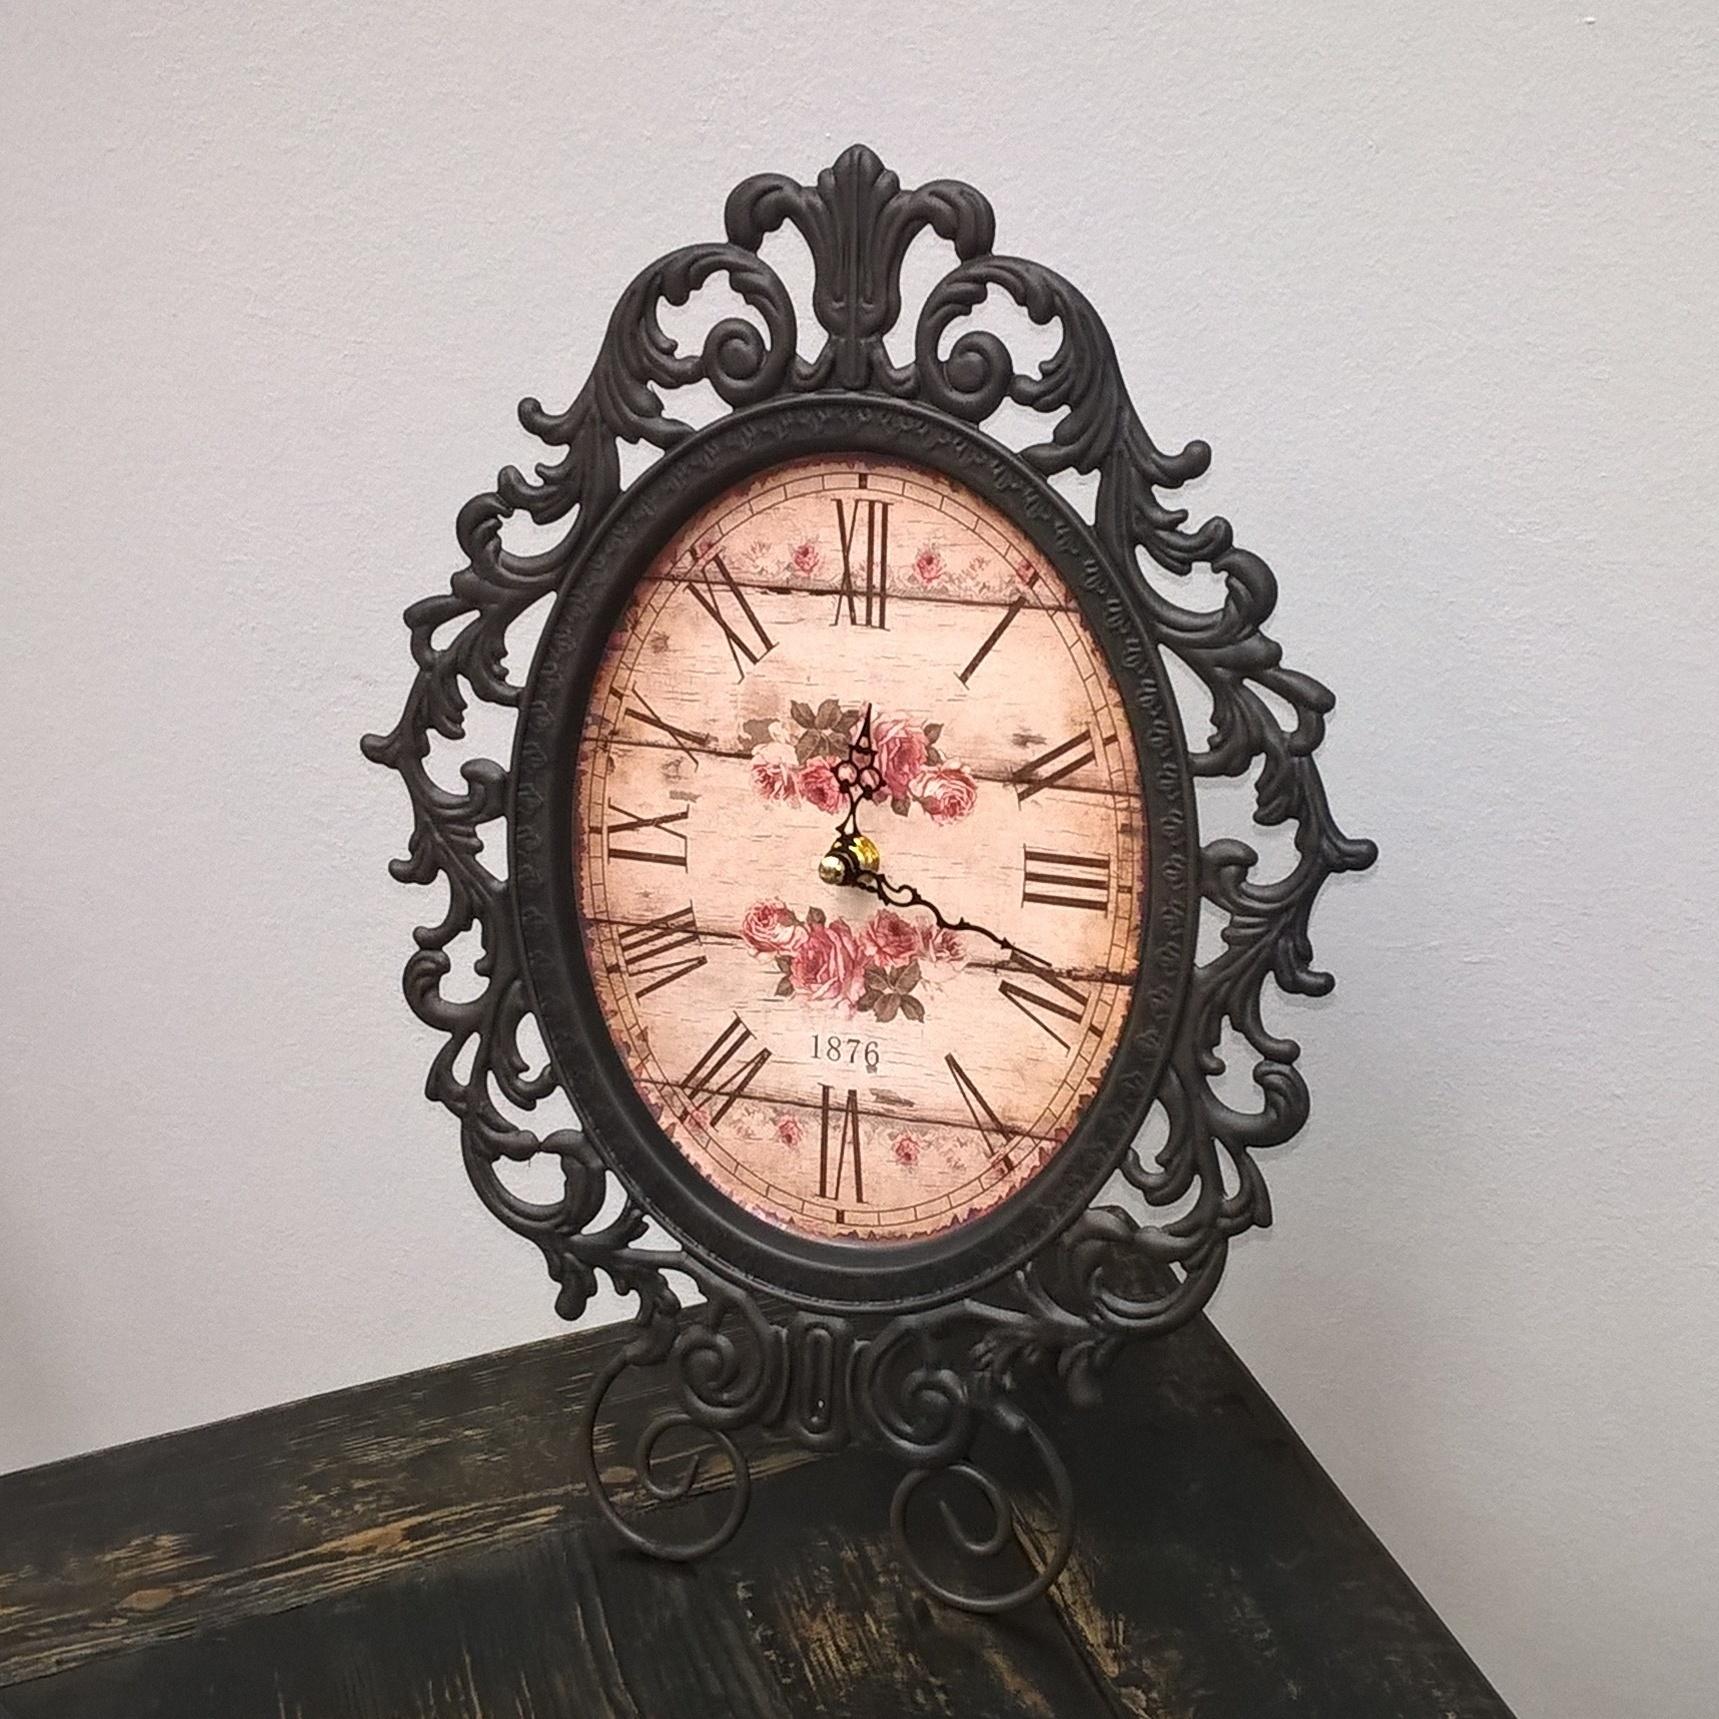 Настольные часы (Подарки для женщин)Подарки для женщин<br>Настольные часы<br>Материал: Металл<br>Производитель: Antic Line, Франция<br>